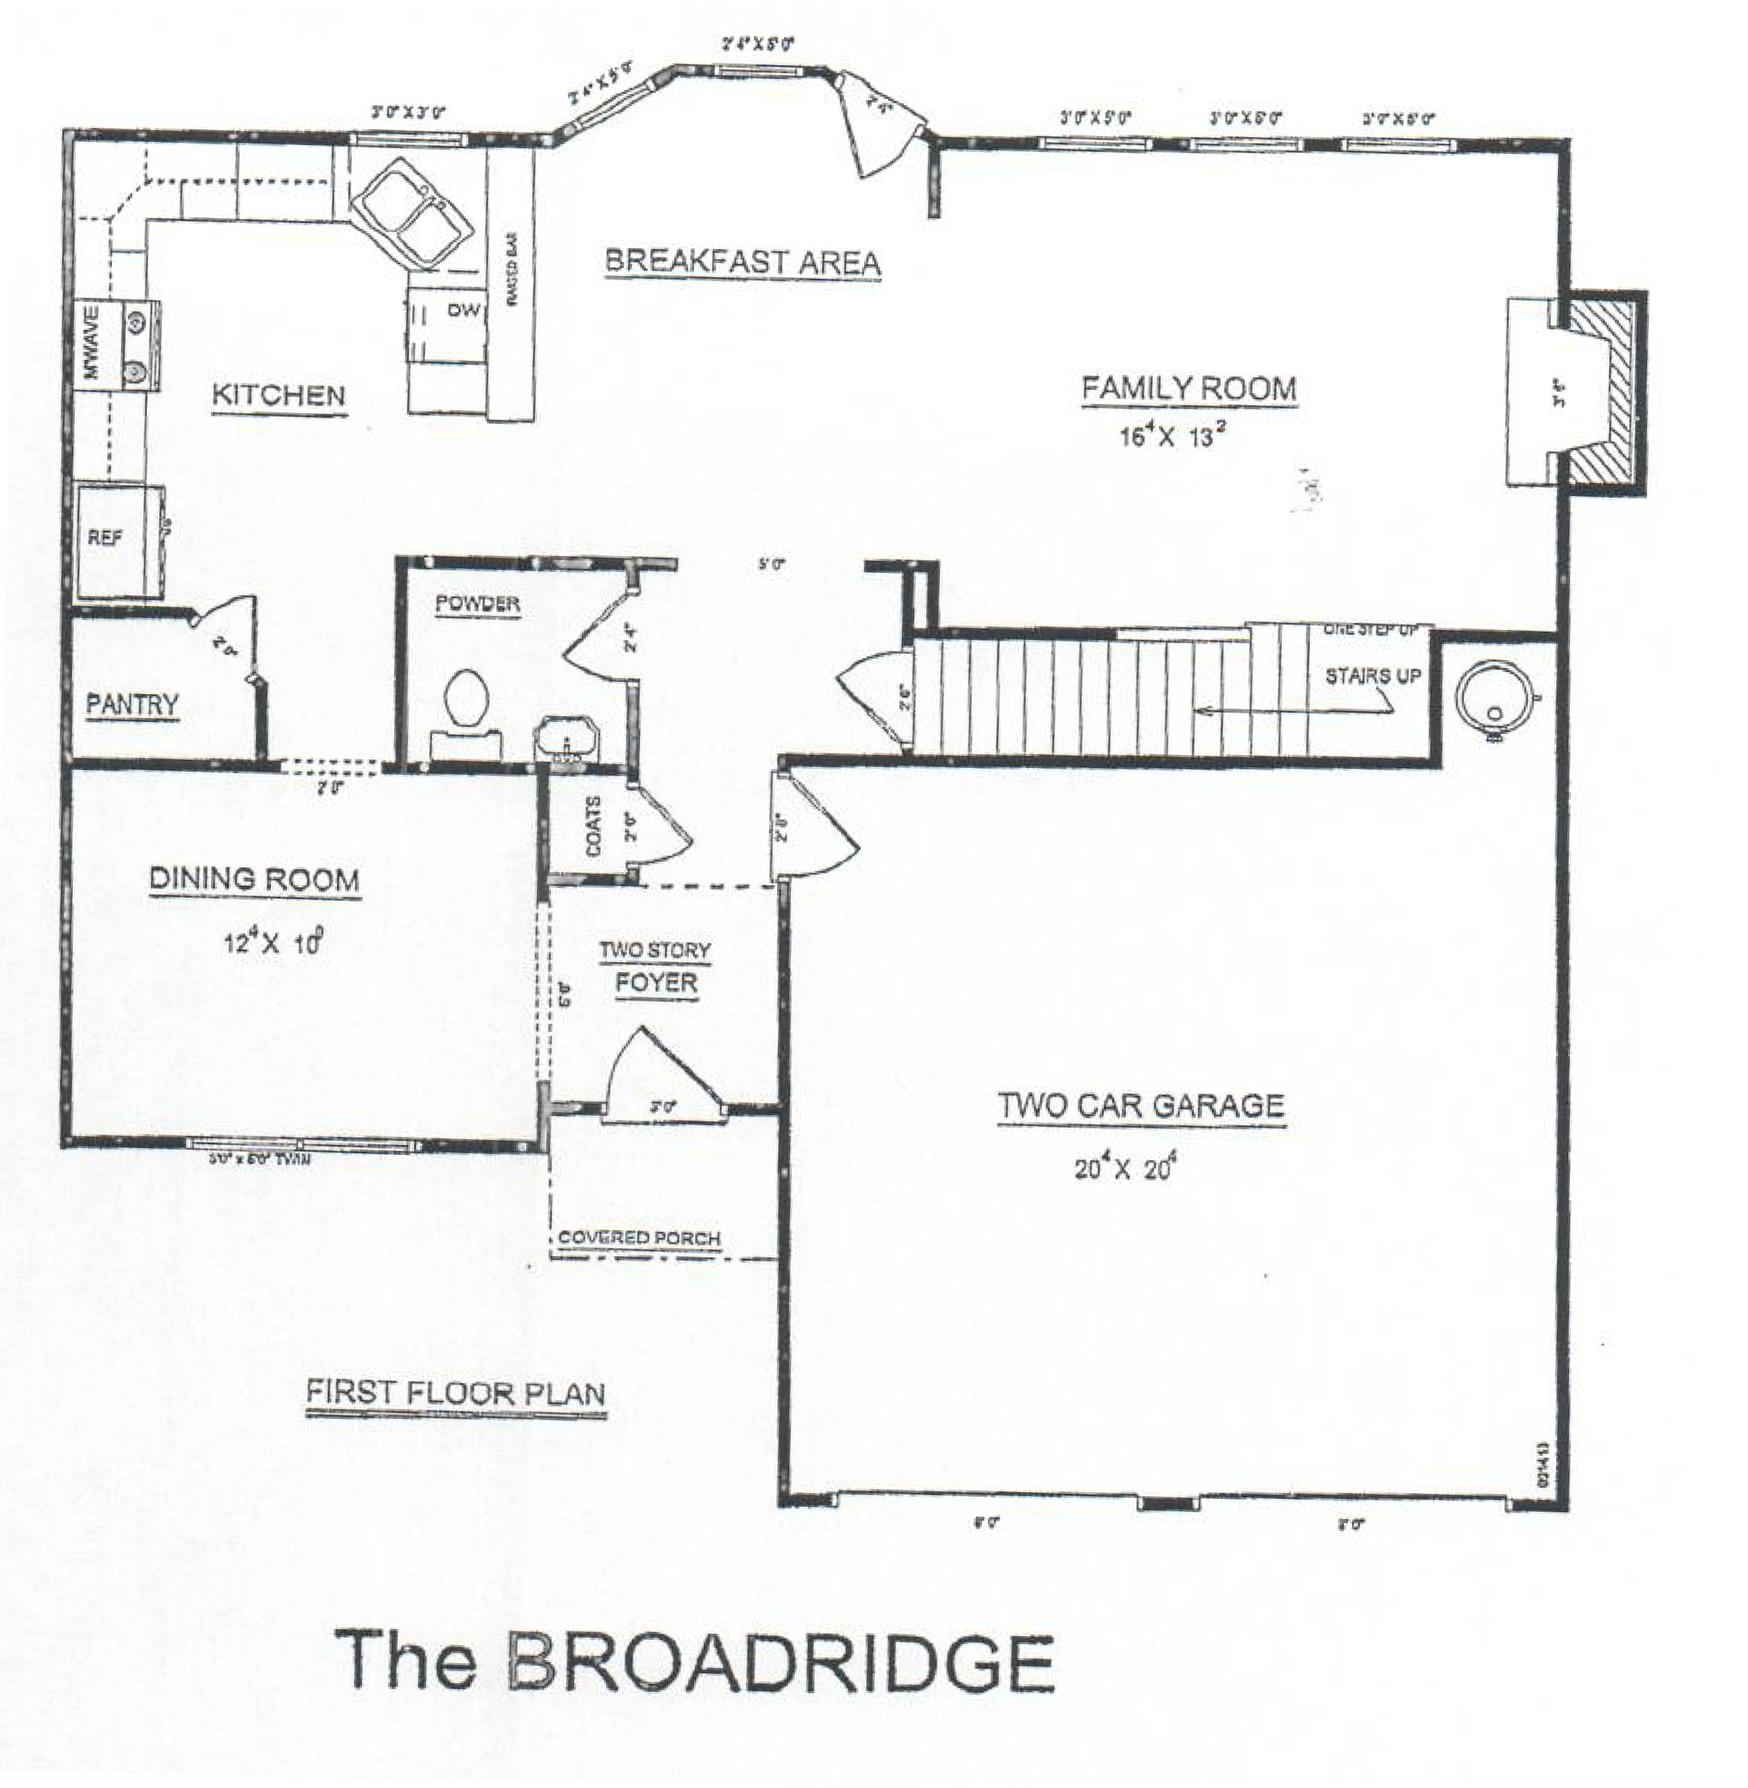 The Broadridge